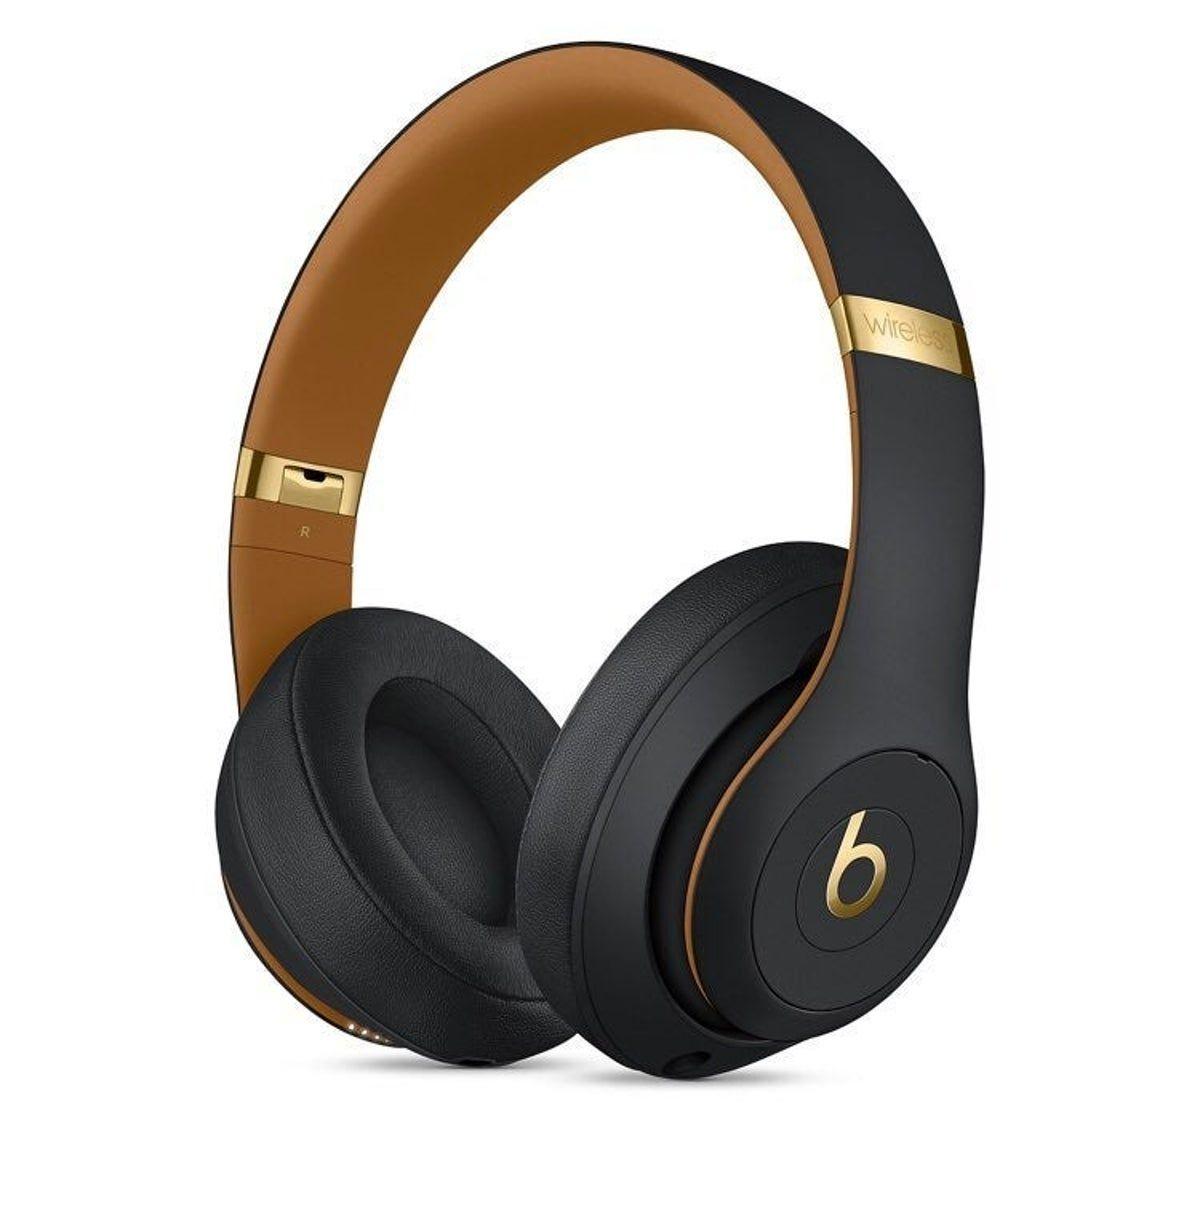 Beats Studio3 Wireless By Dr Dre In 2020 Wireless Headphones